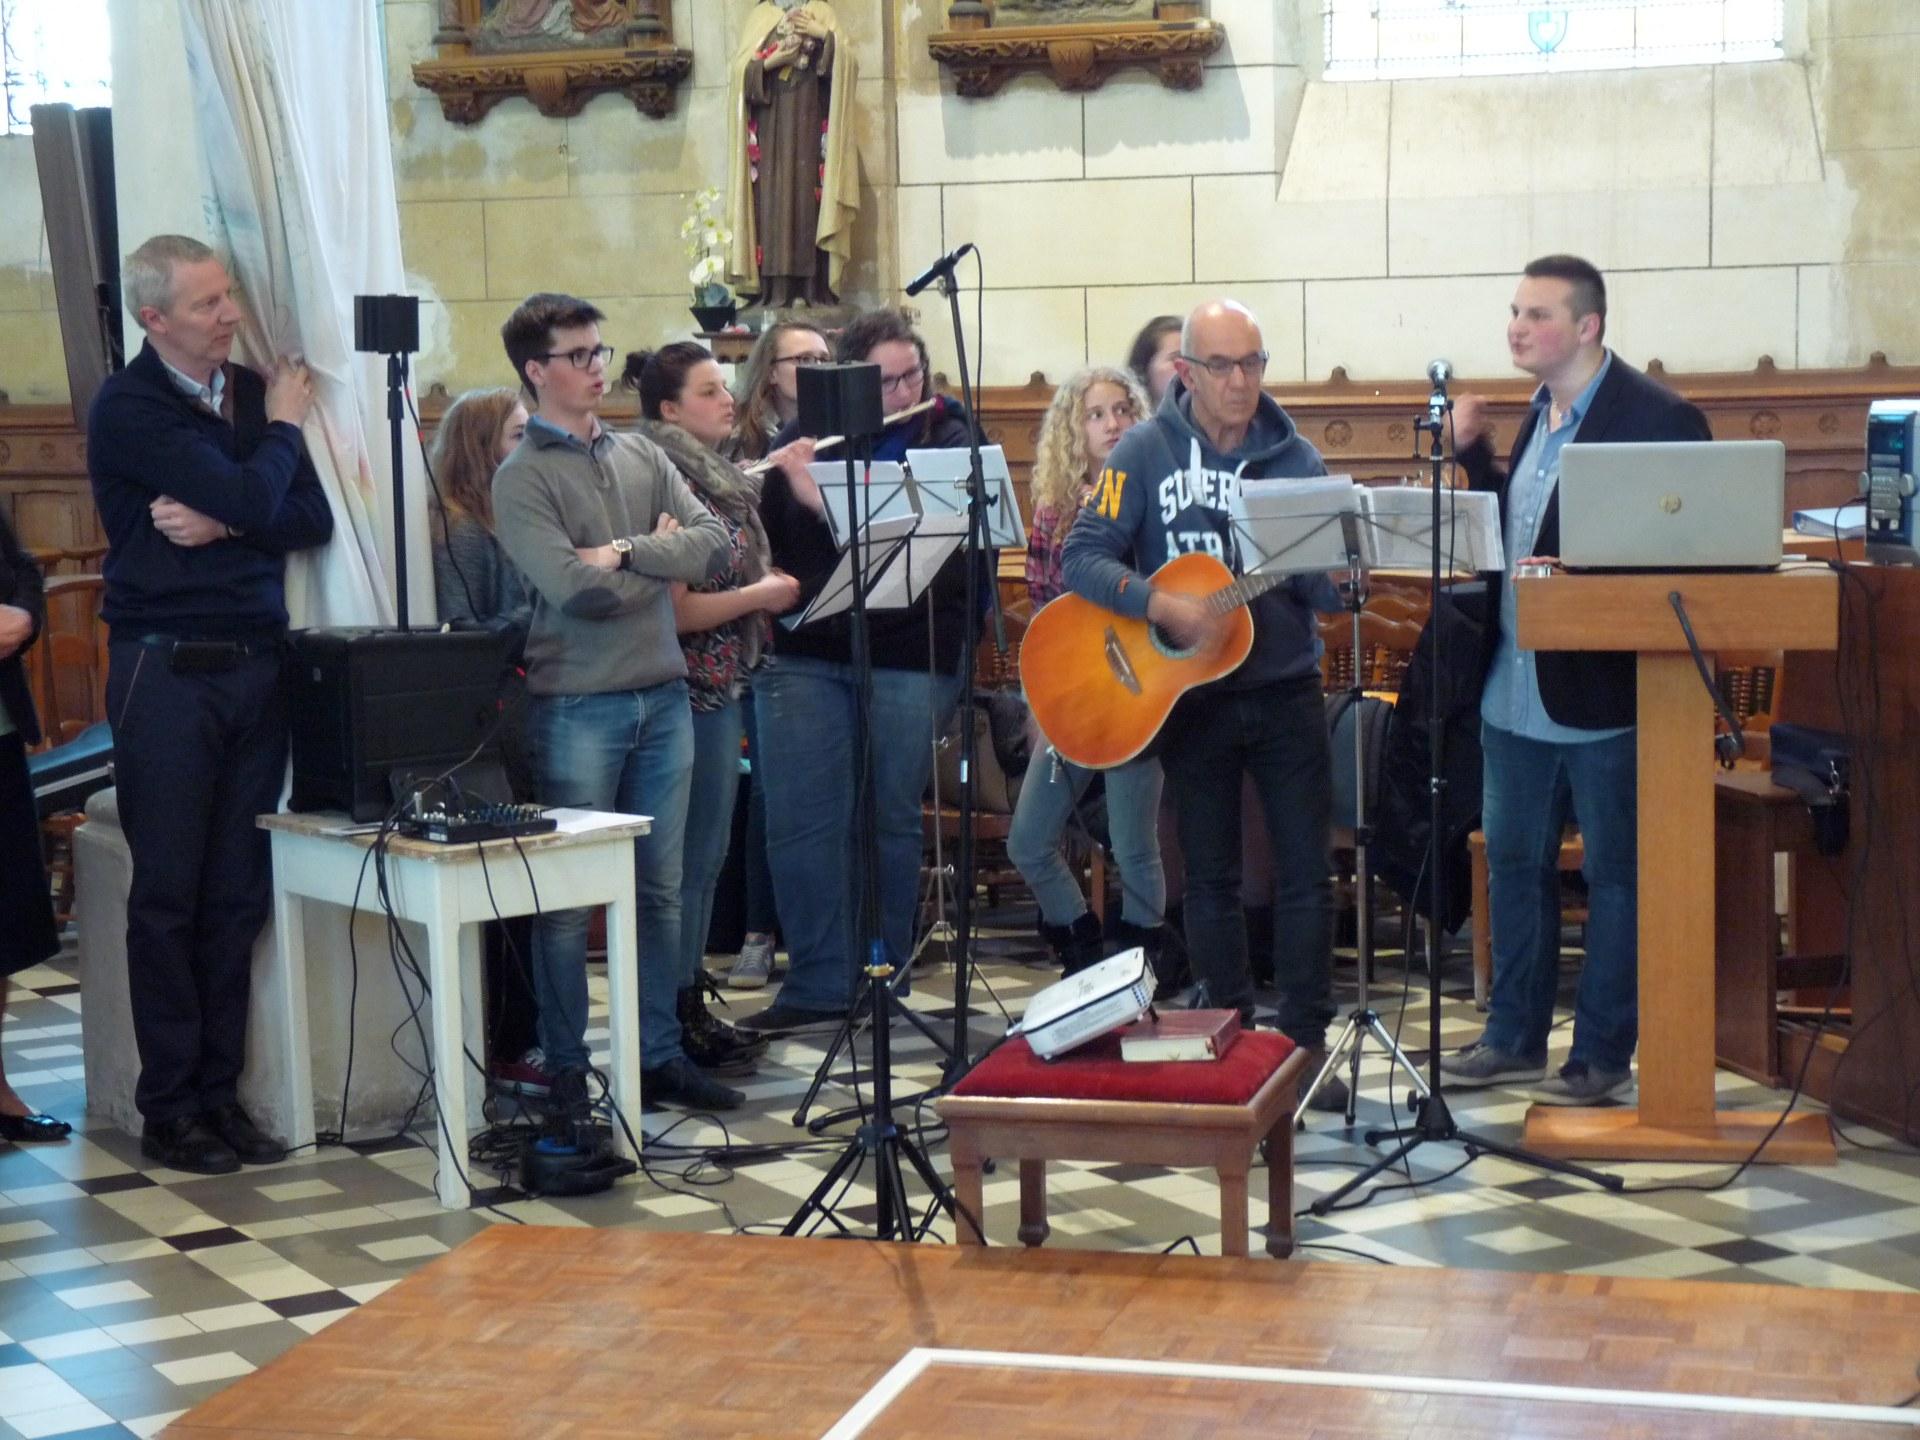 avec les chants et les instruments du groupe Louan